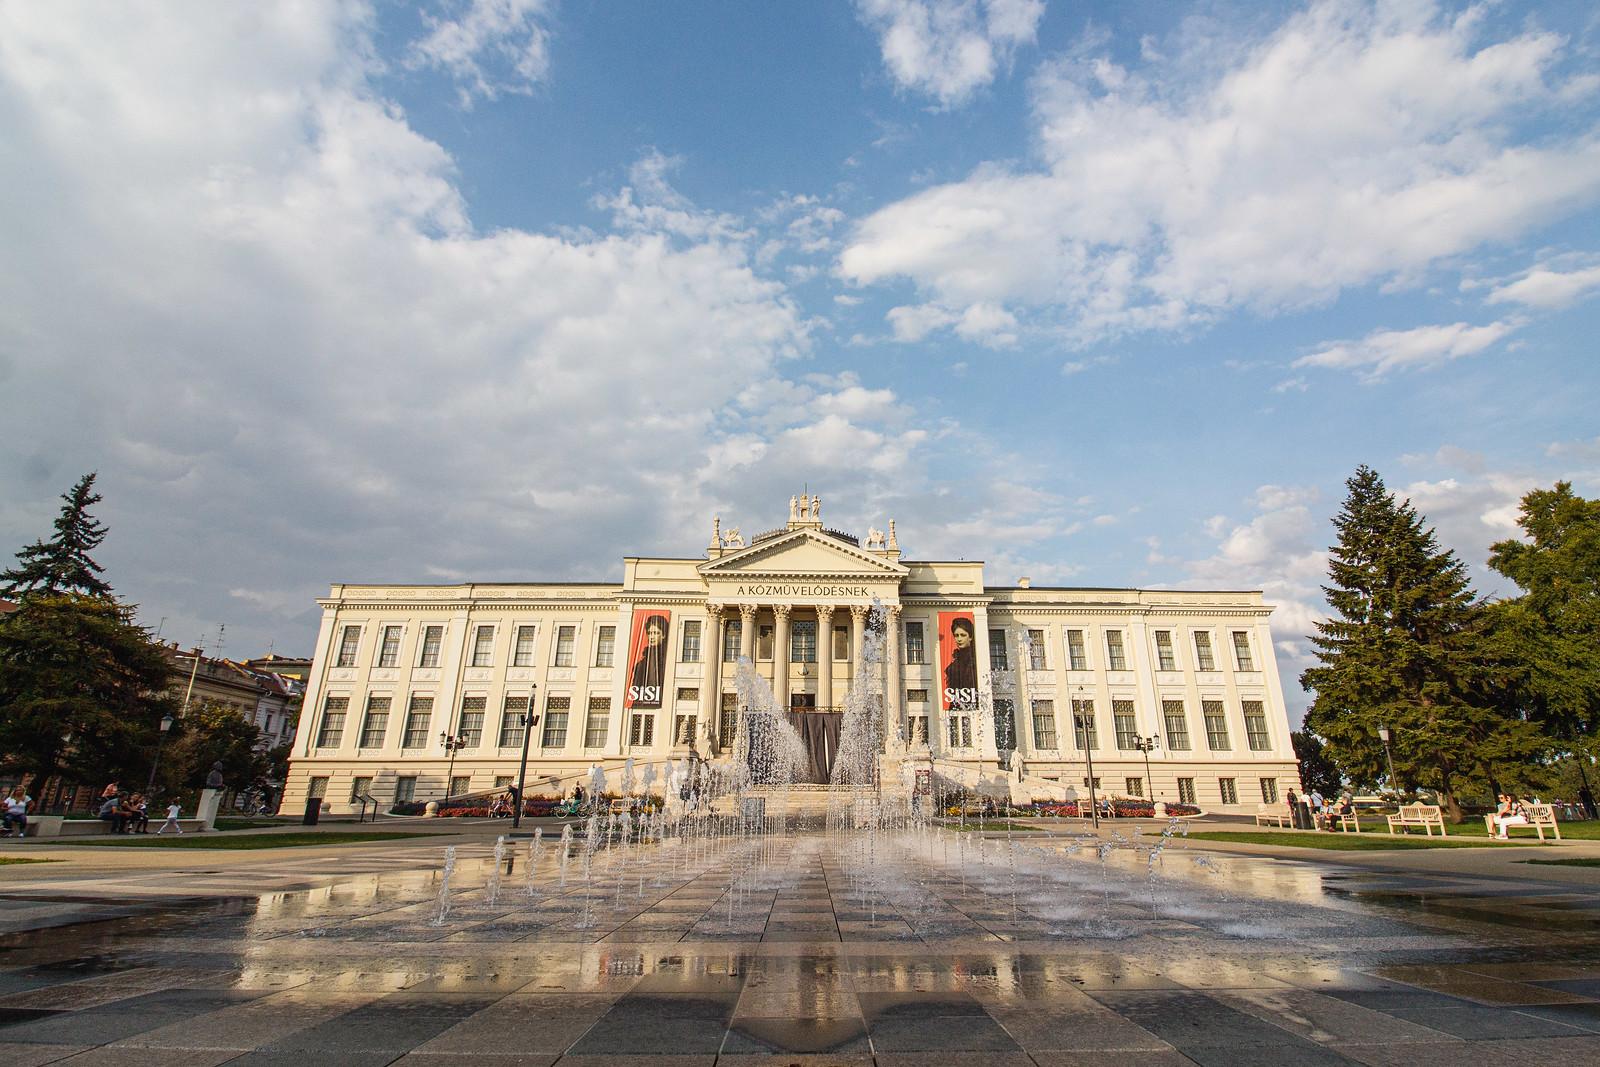 Különdíjjal jutalmazták a Móra Ferenc Múzeum és a Vármúzeum felújításának tervezőit